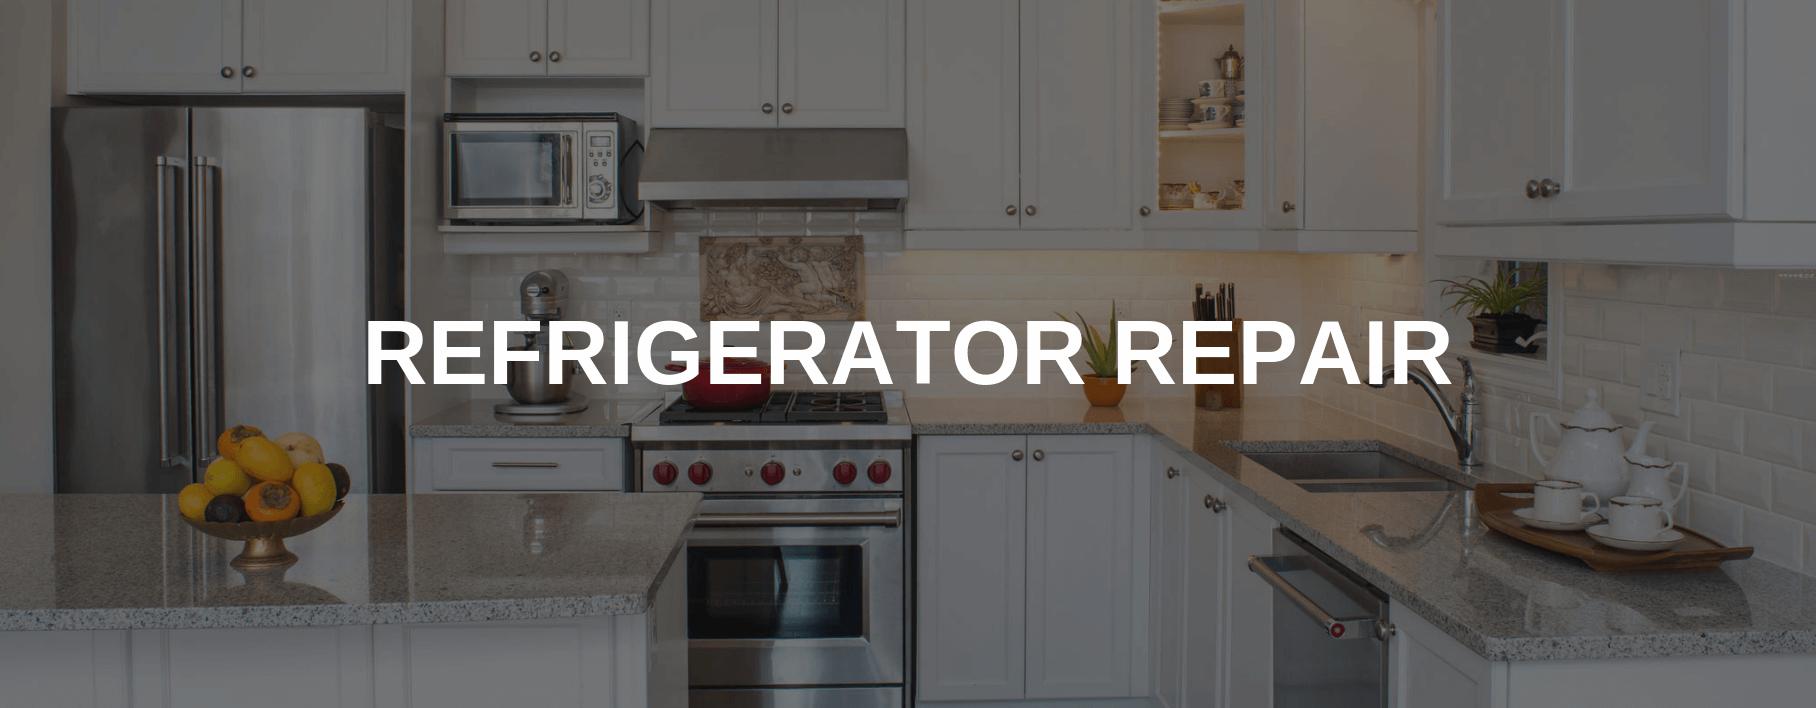 refrigerator repair peoria